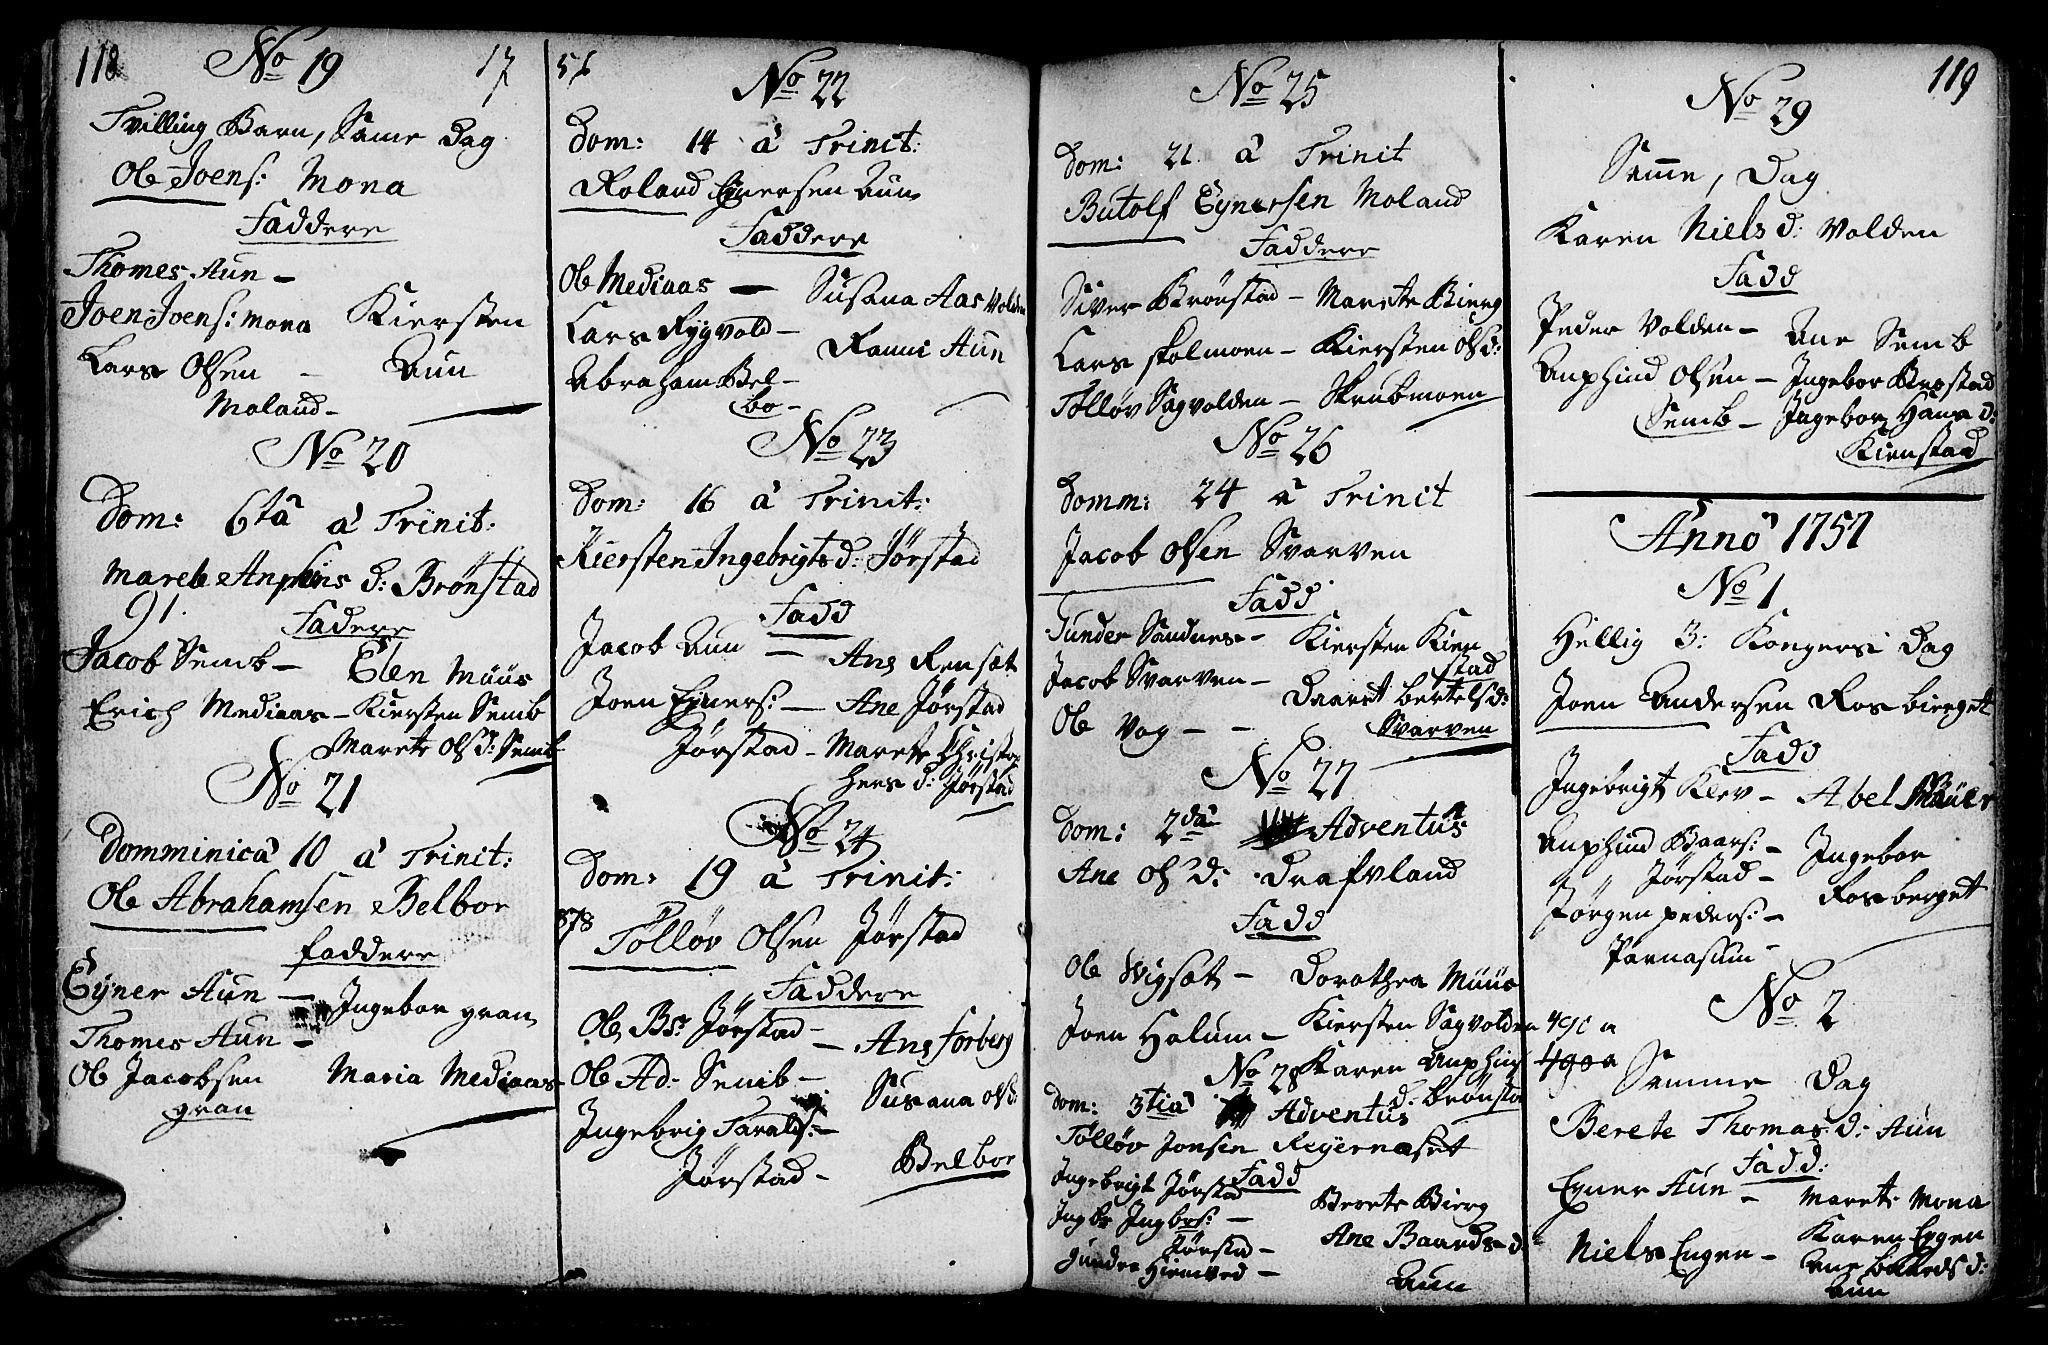 SAT, Ministerialprotokoller, klokkerbøker og fødselsregistre - Nord-Trøndelag, 749/L0467: Ministerialbok nr. 749A01, 1733-1787, s. 118-119